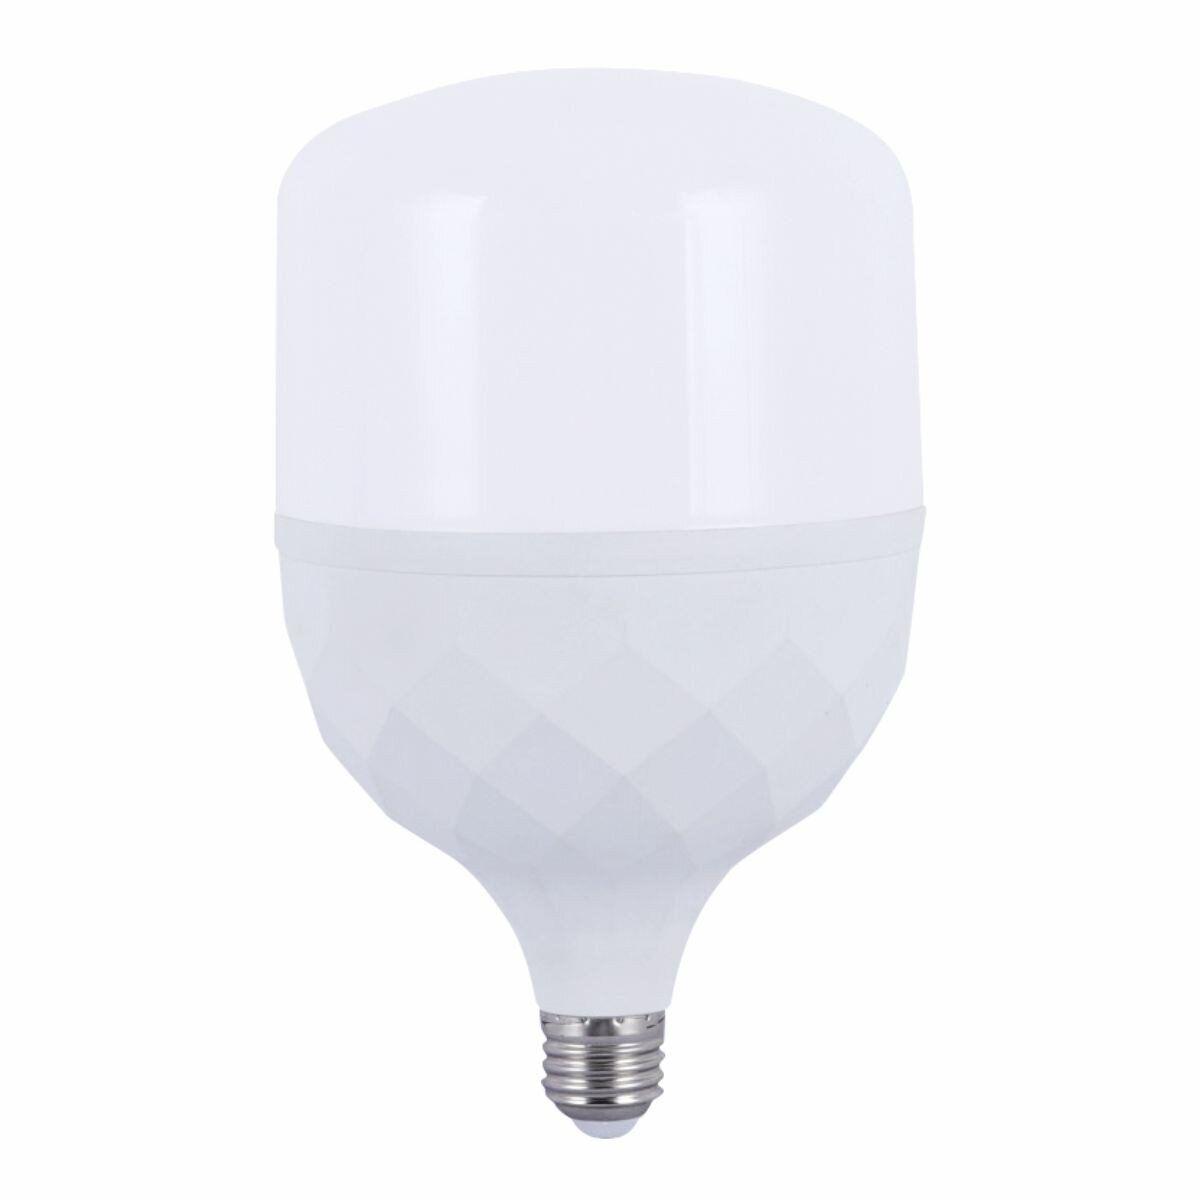 Светодиодная лампа Biom HP-50-6 T120 50W E27 6500К 15455